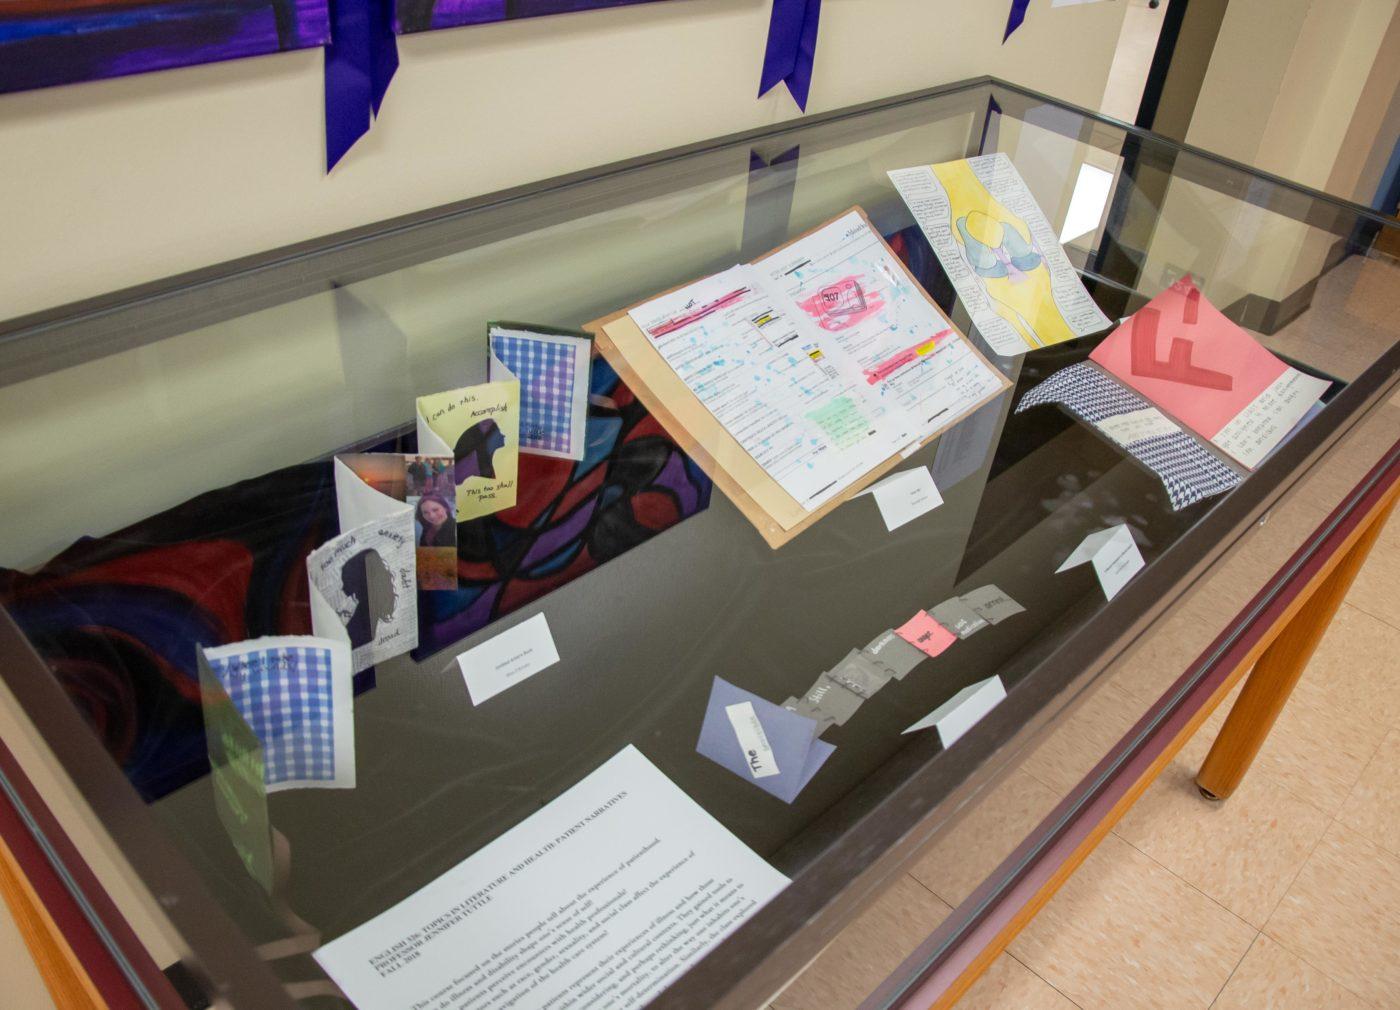 exhibit case featuring student art books.